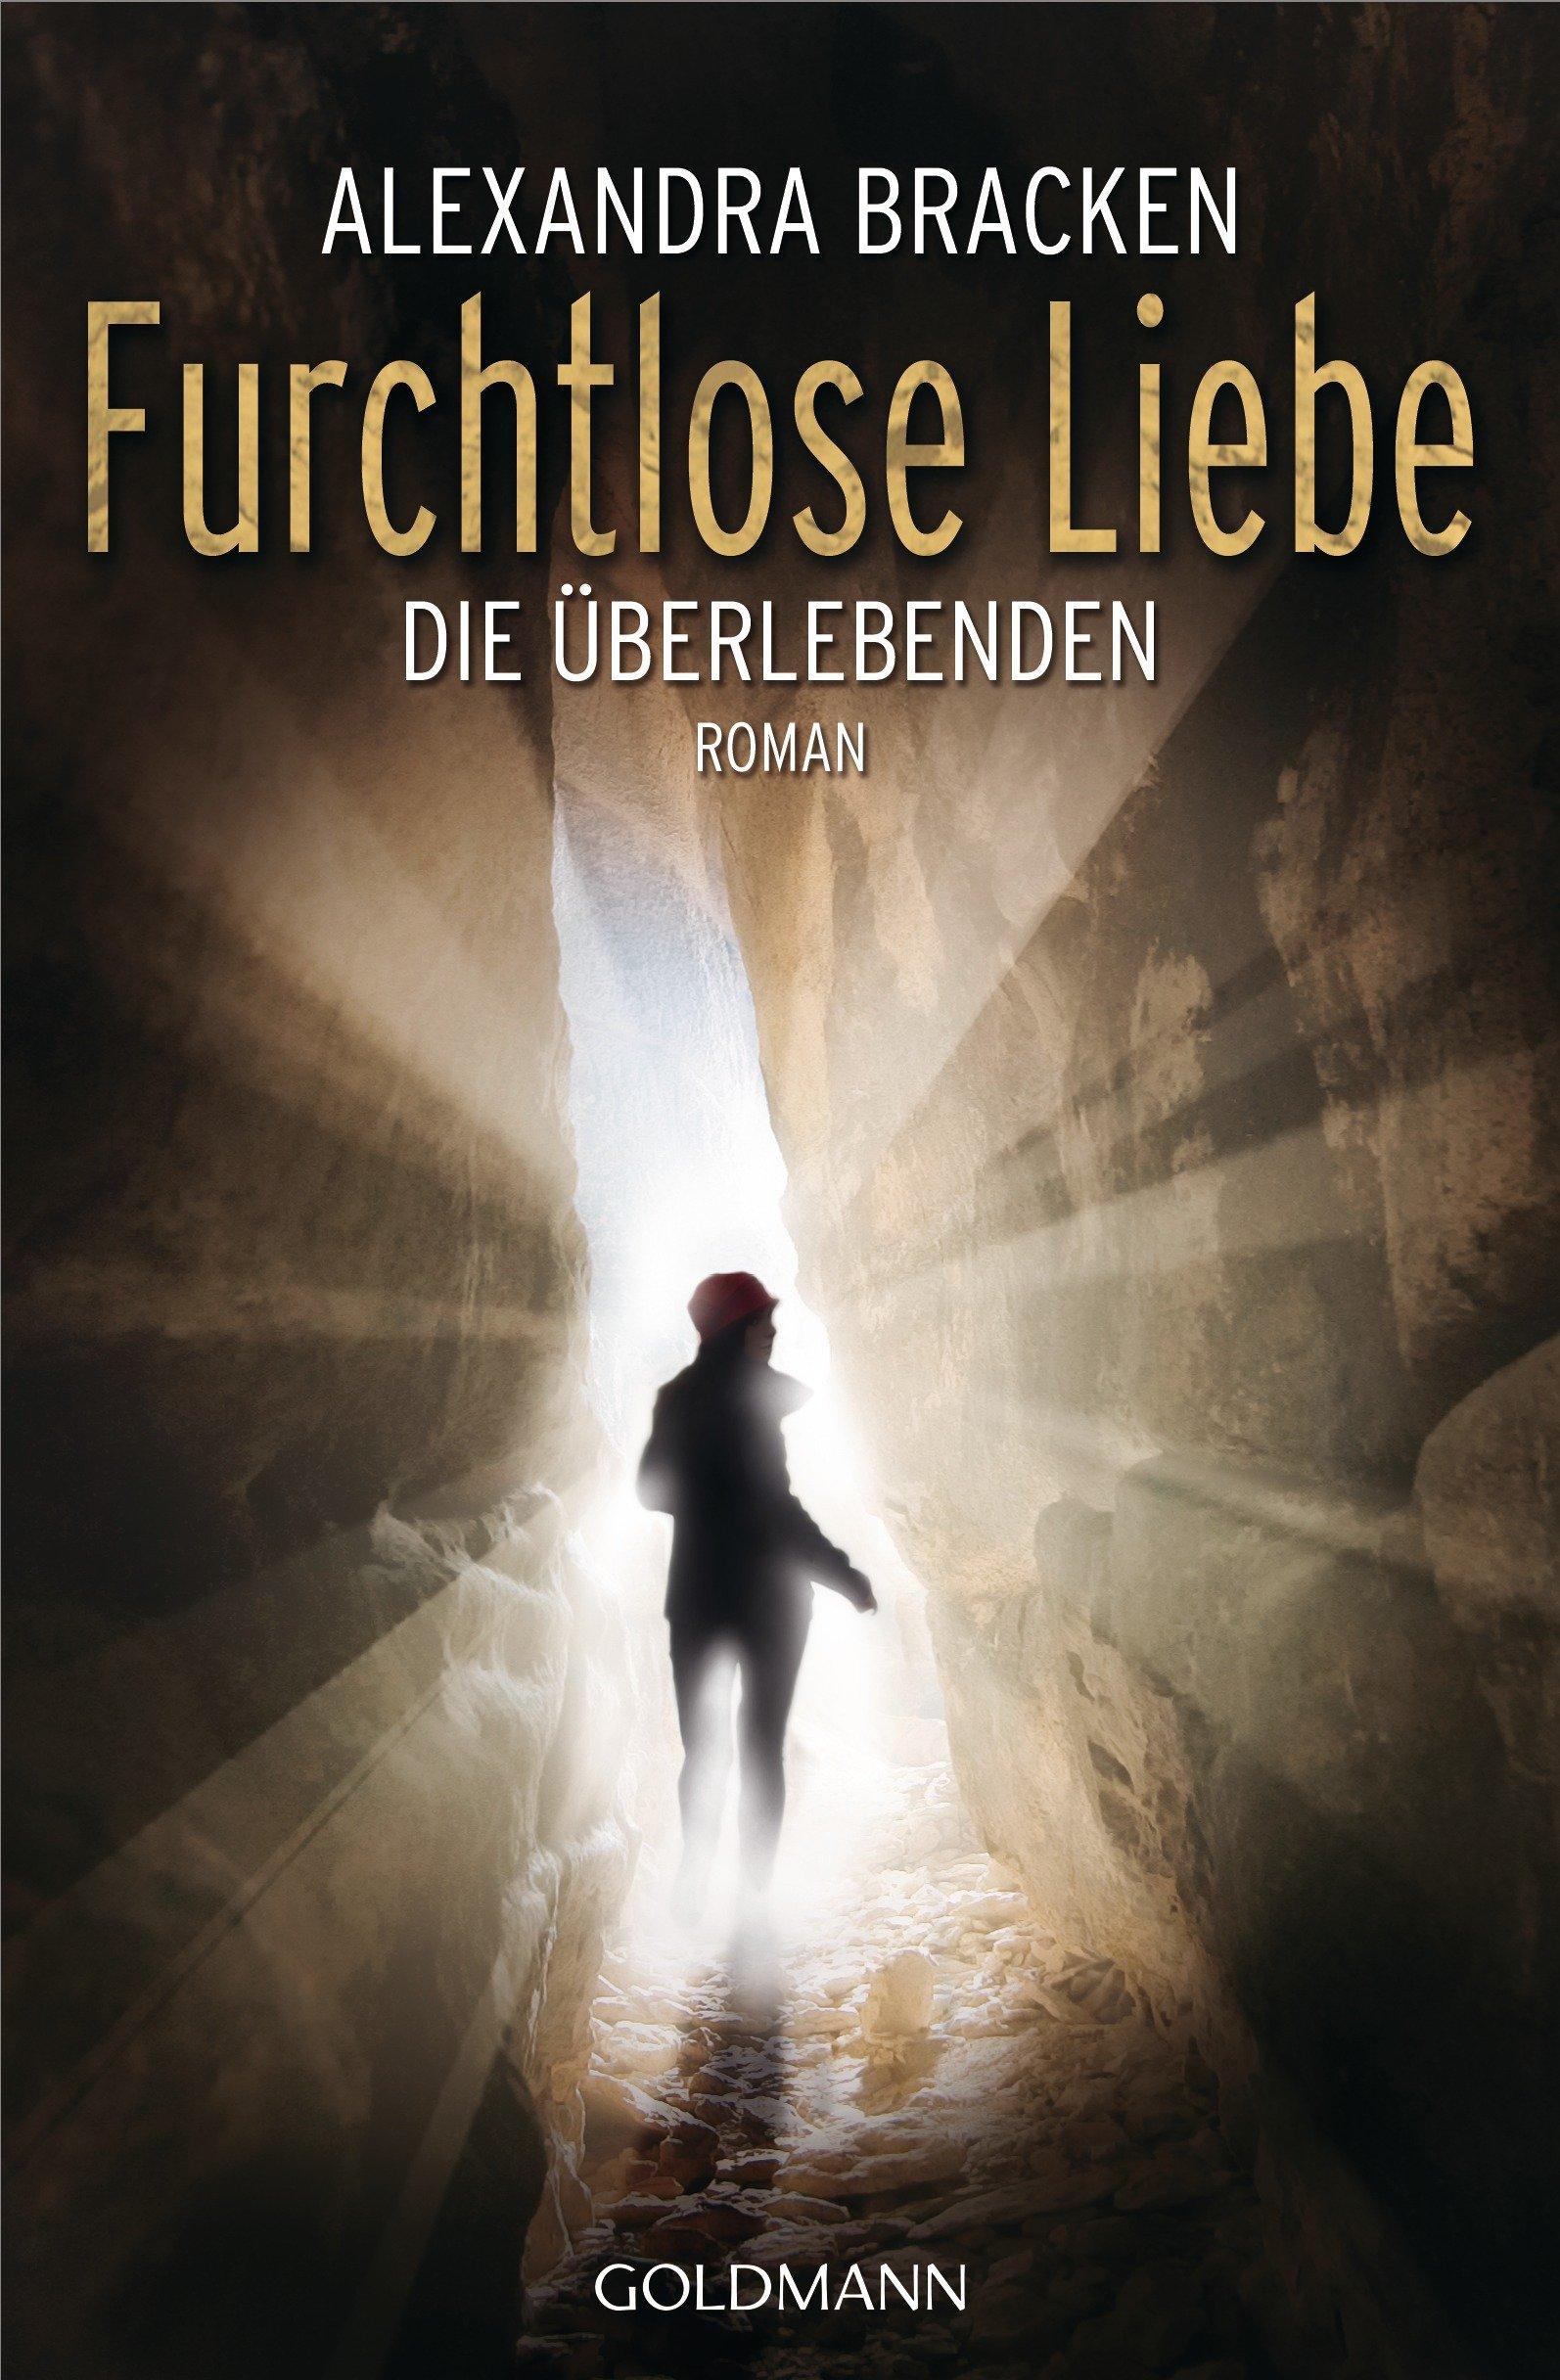 http://www.amazon.de/Furchtlose-Liebe-Die-%C3%9Cberlebenden-Roman/dp/3442479096/ref=sr_1_1?ie=UTF8&qid=1438091127&sr=8-1&keywords=furchtlose+liebe